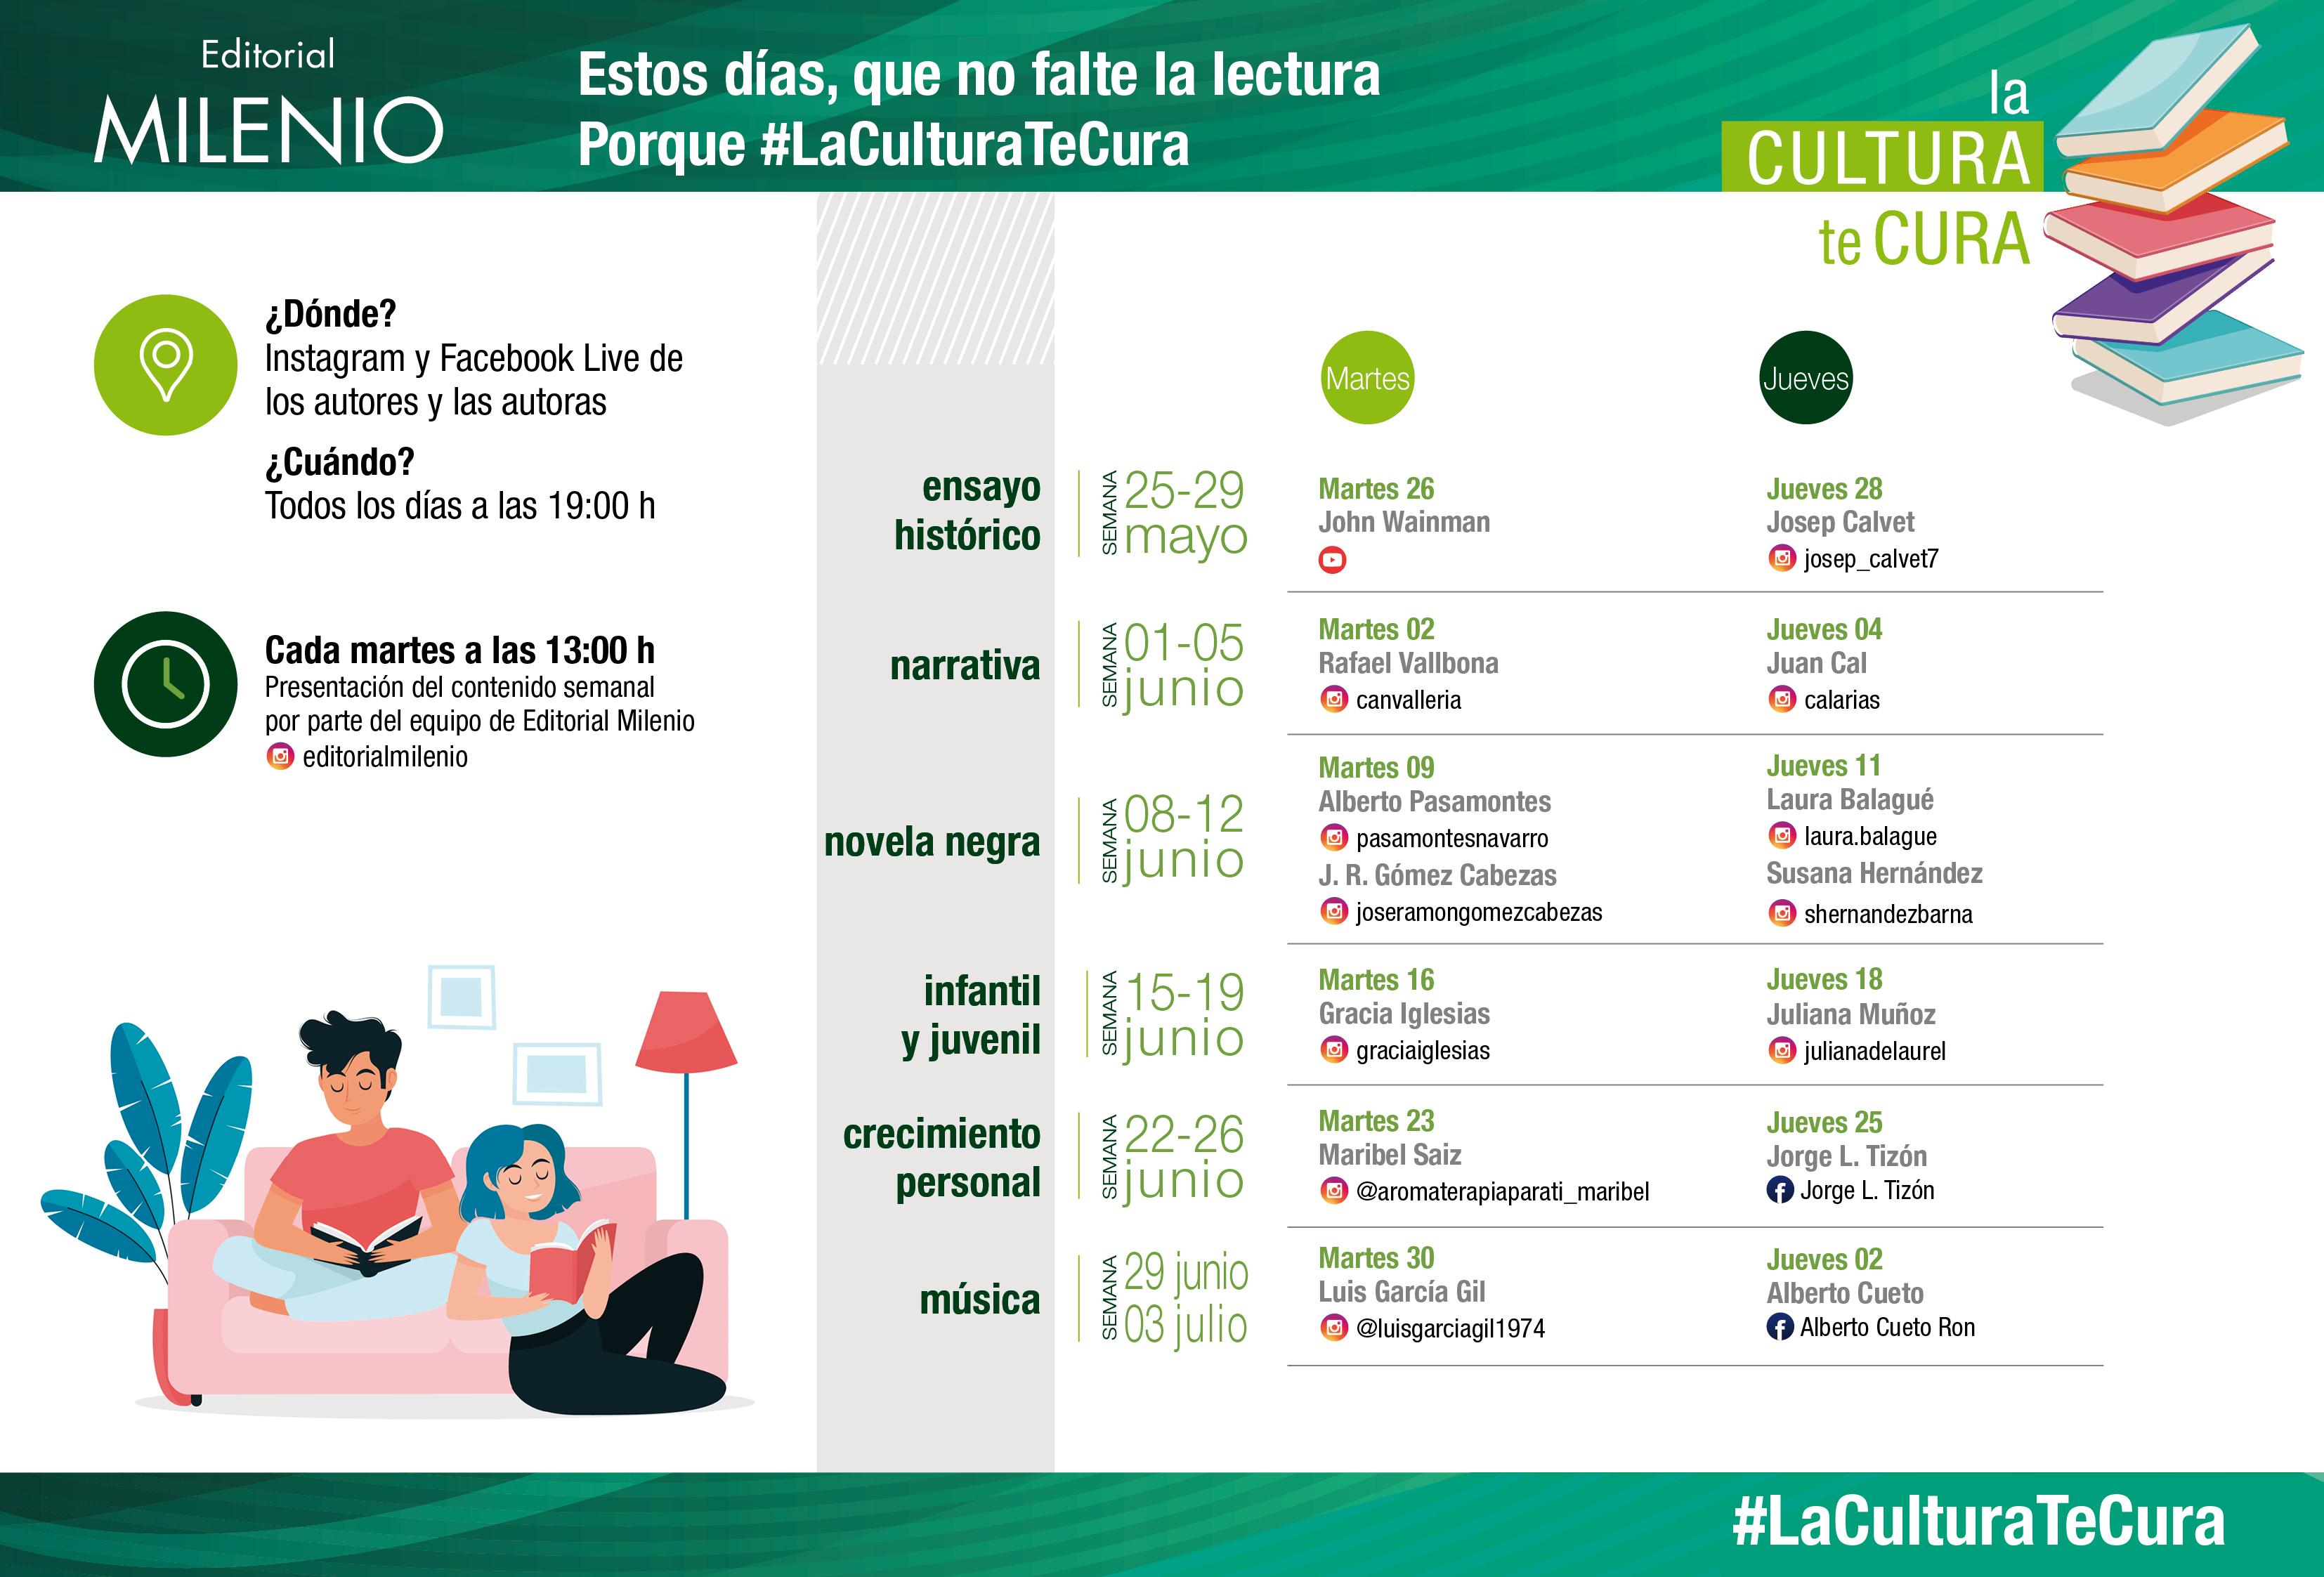 Editorial Milenio pone en marcha la campaña de promoción de la lectura #LaCulturaTeCura